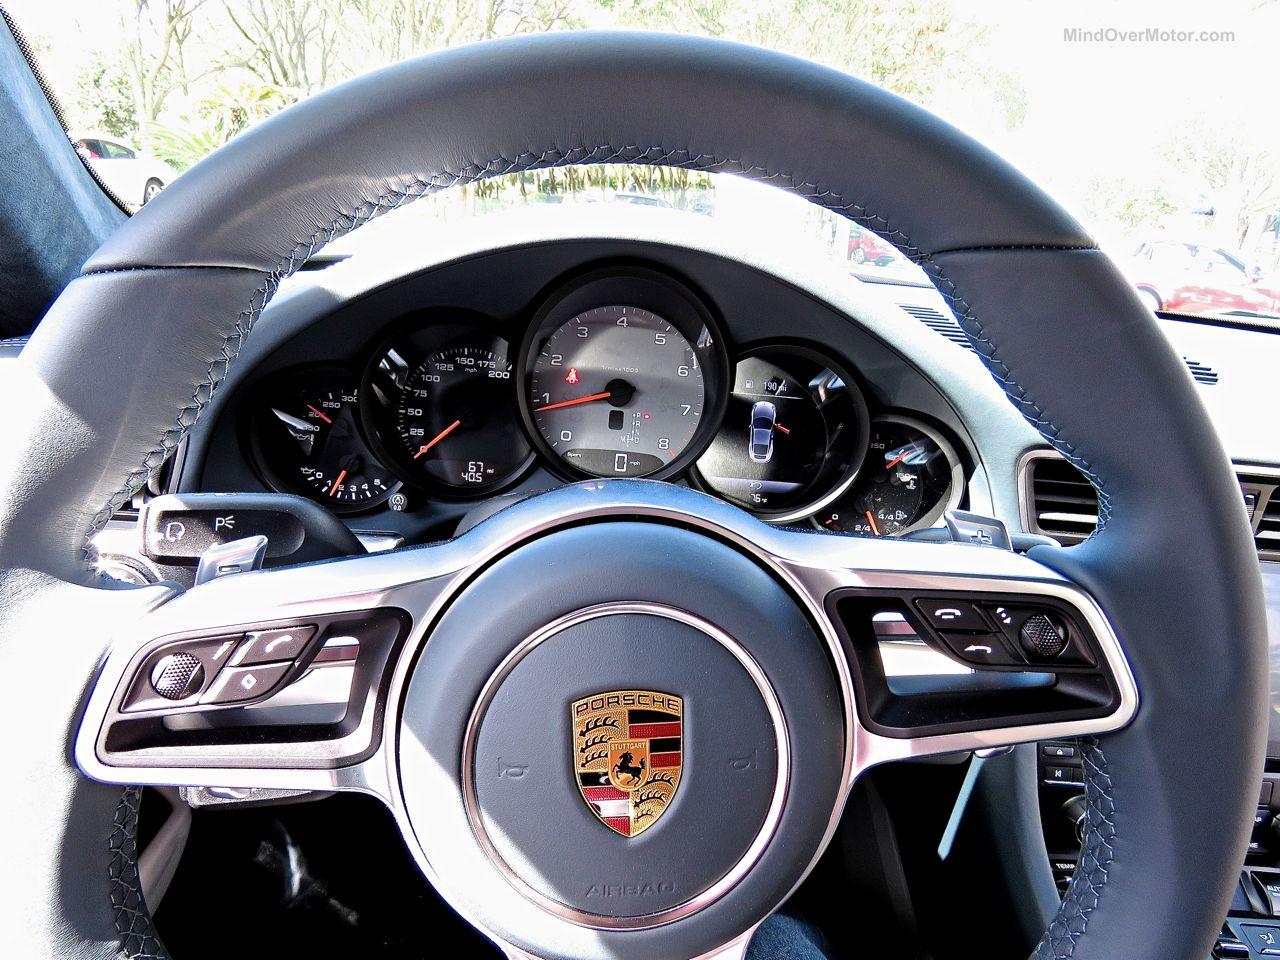 Porsche 991.2 Carrera S Turbo Review 2